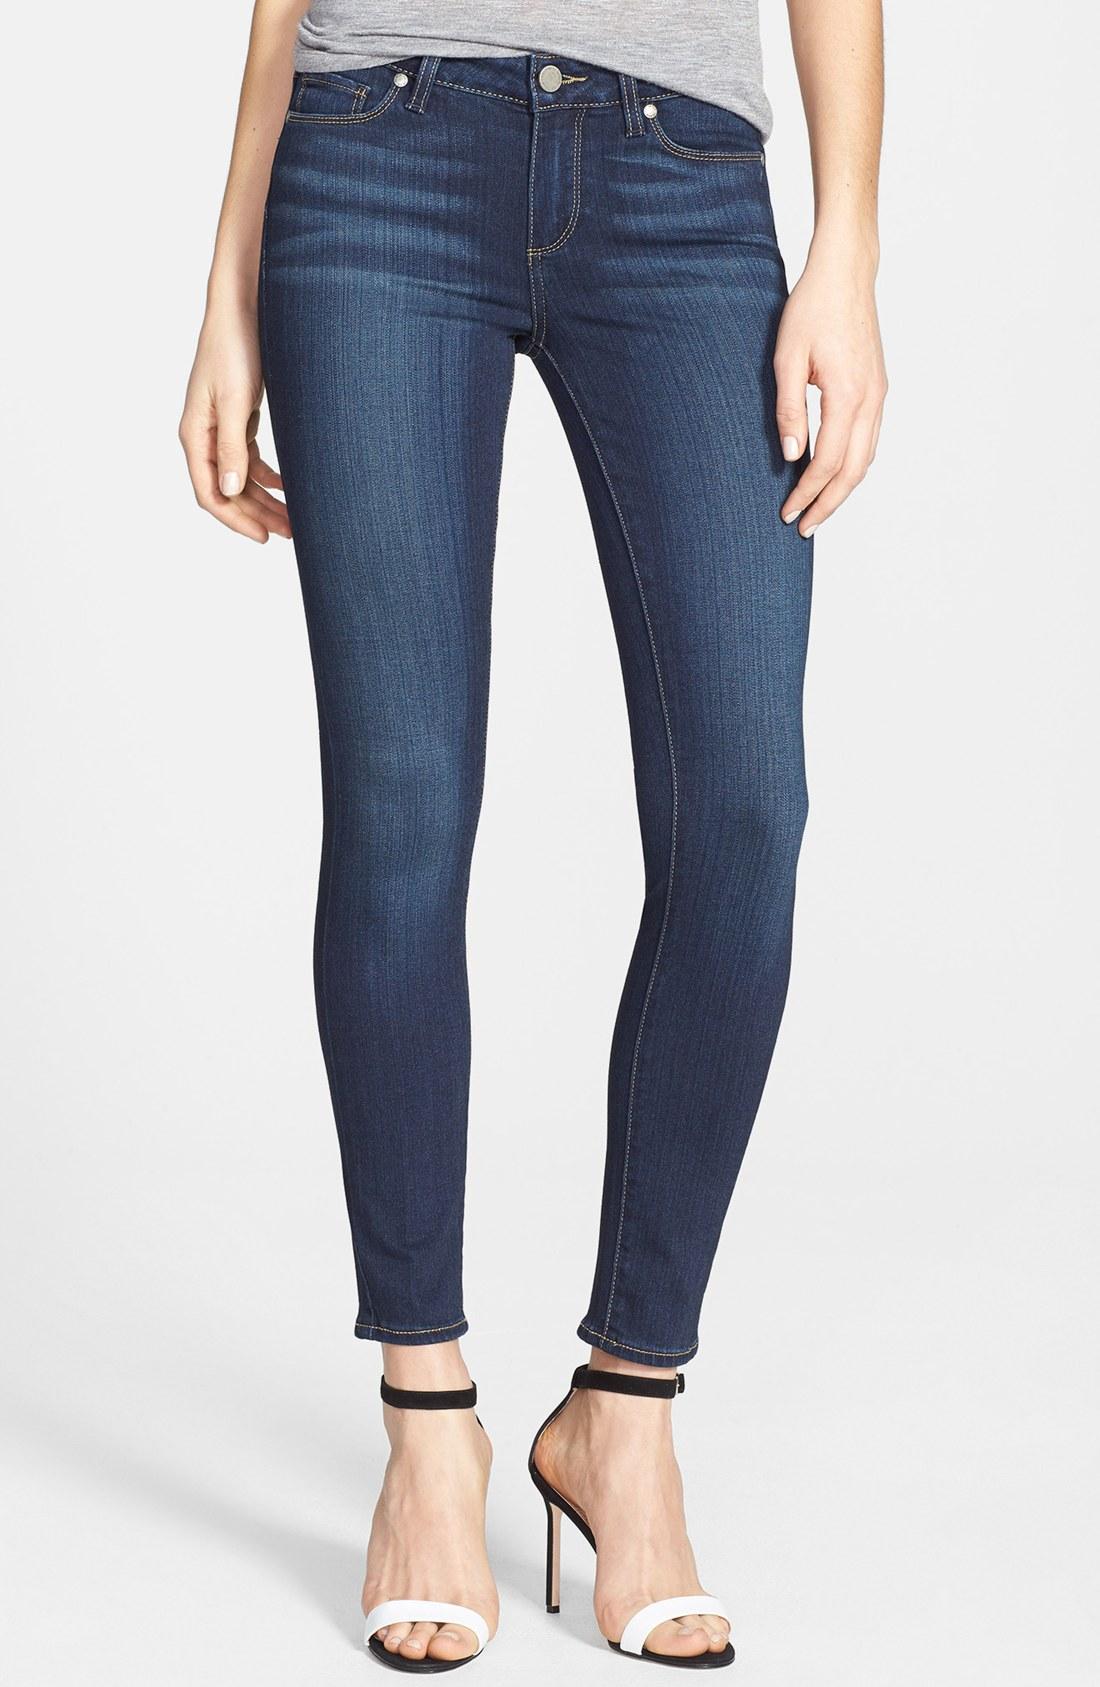 paige jeans womenu0027s paige clothing | nordstrom AUTIZZB